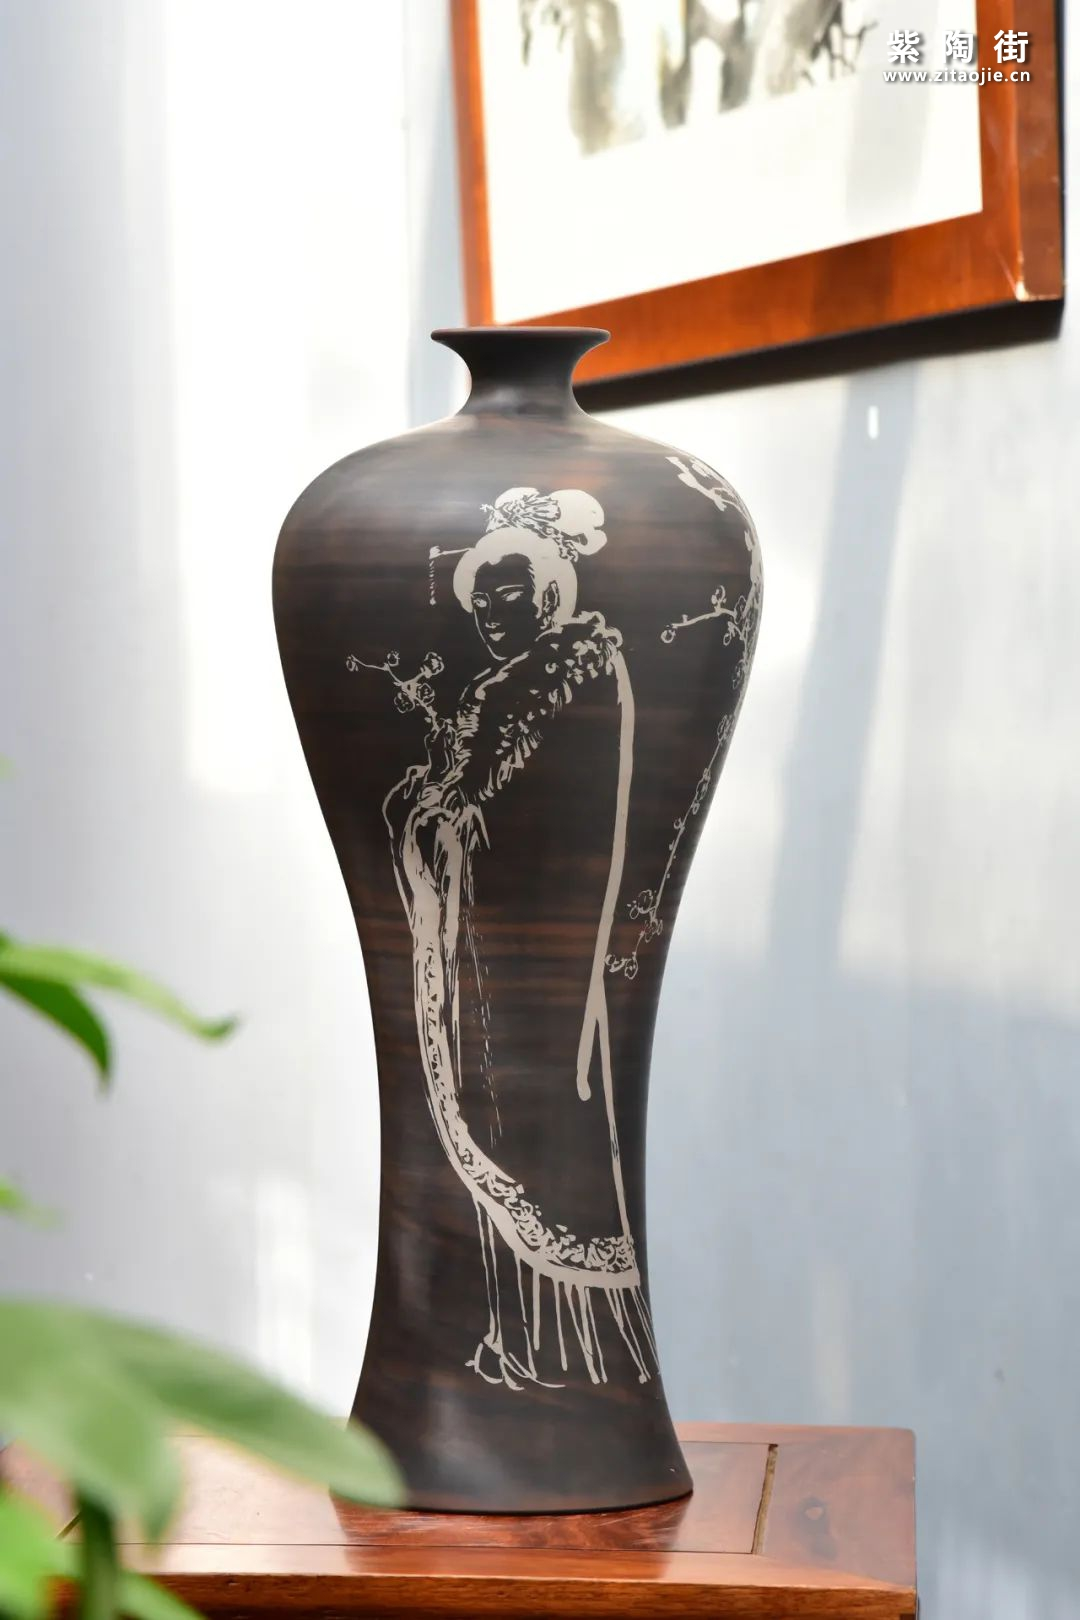 常见的几种建水紫陶瓶型插图5